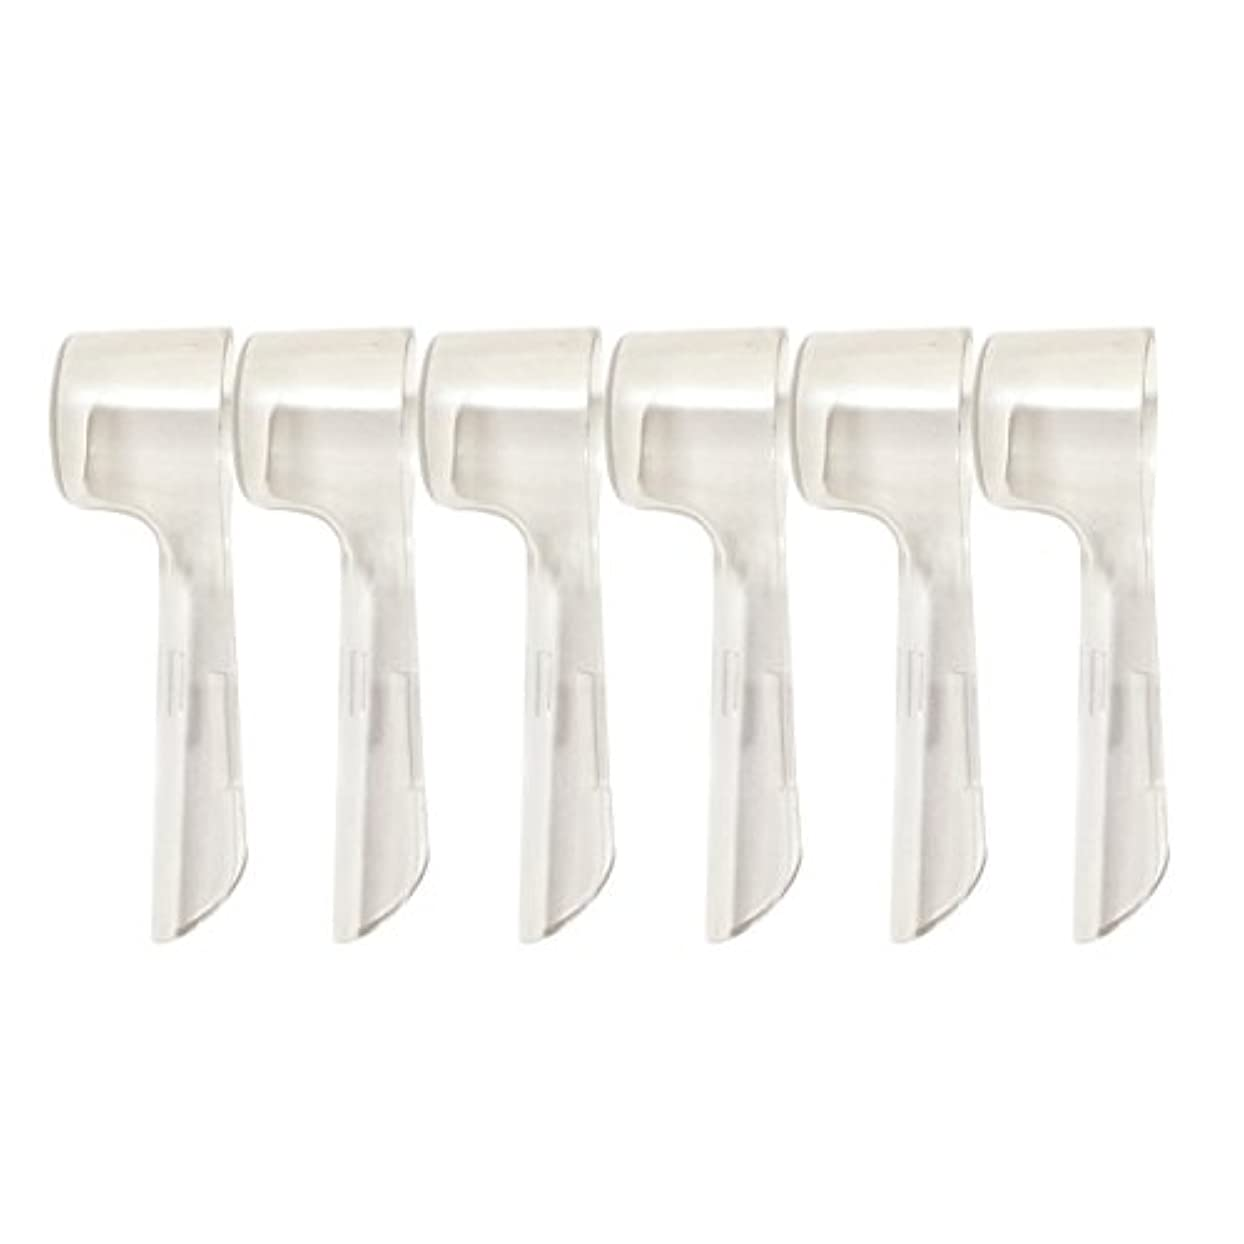 引用顕現凝視SUPVOX 旅行のために便利な電動歯ブラシのための12本の歯ブラシのヘッドカバー